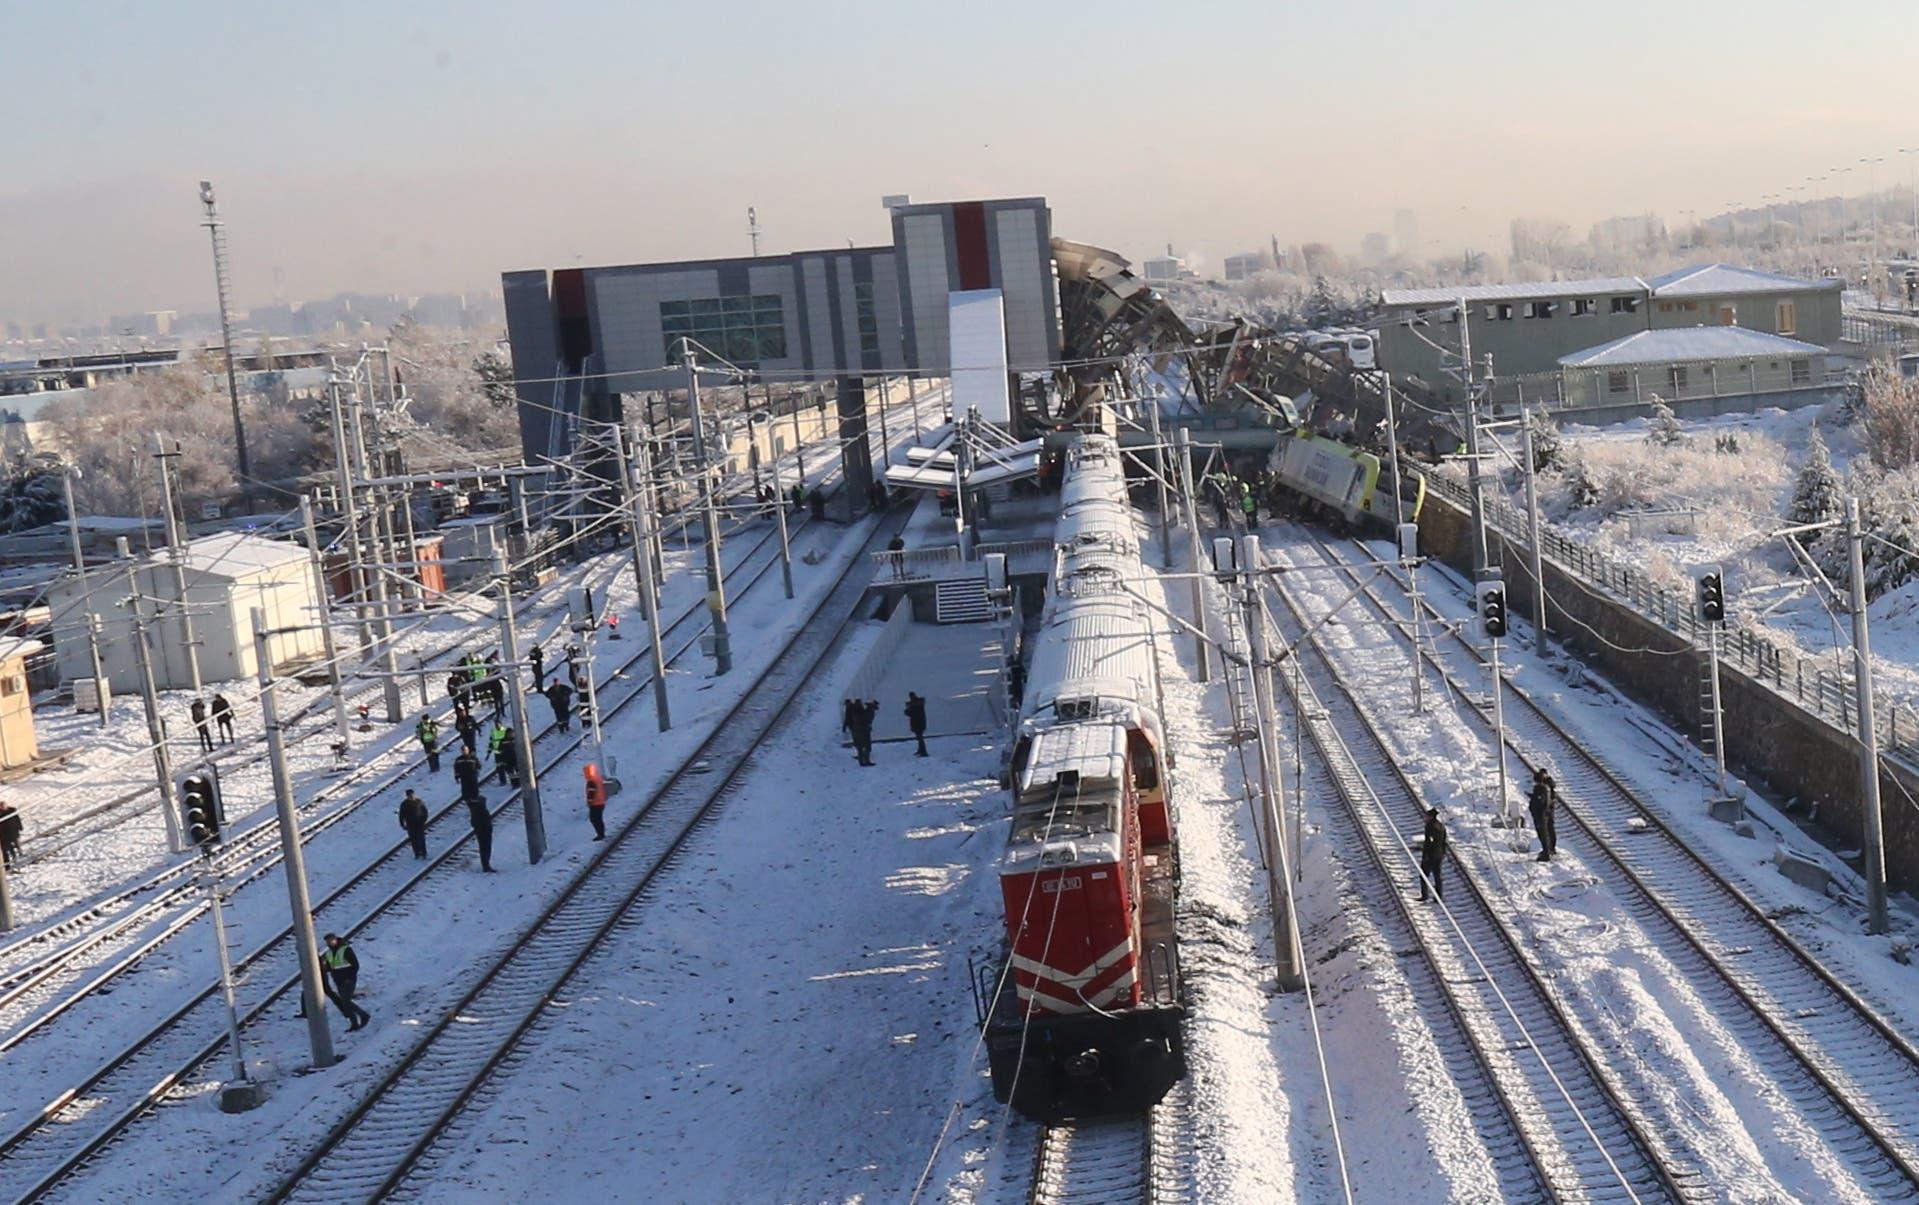 Der entgleiste Zug nach dem Aufprall auf eine Lokomotive, die auf dem Geleise stand. Der Schnellzug kollidierte mit einem Regionalzug, wie der Gouverneur der Provinz Ankara, Vasip Sahin mitteilte. (Bild: EPA/STRINGER (Ankara, 13. Dezember 2018))